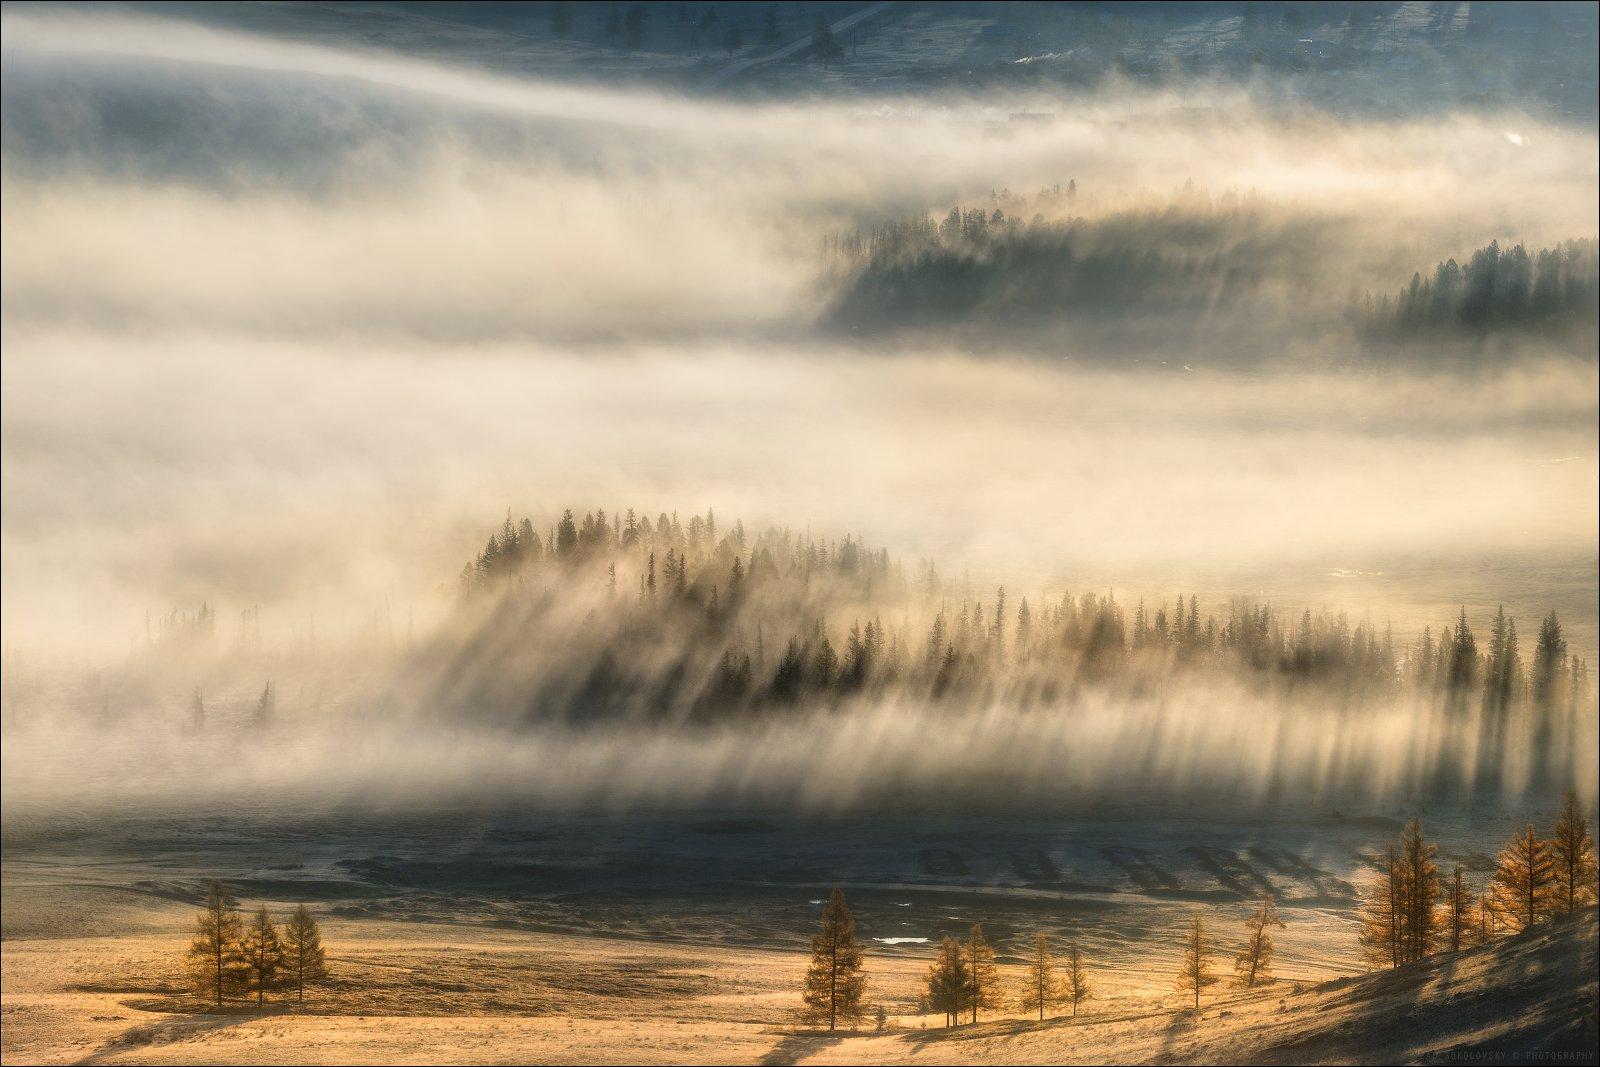 алтай, горы, осень, курай, курайская степь, солнце, утро, свет, туман, Влад Соколовский